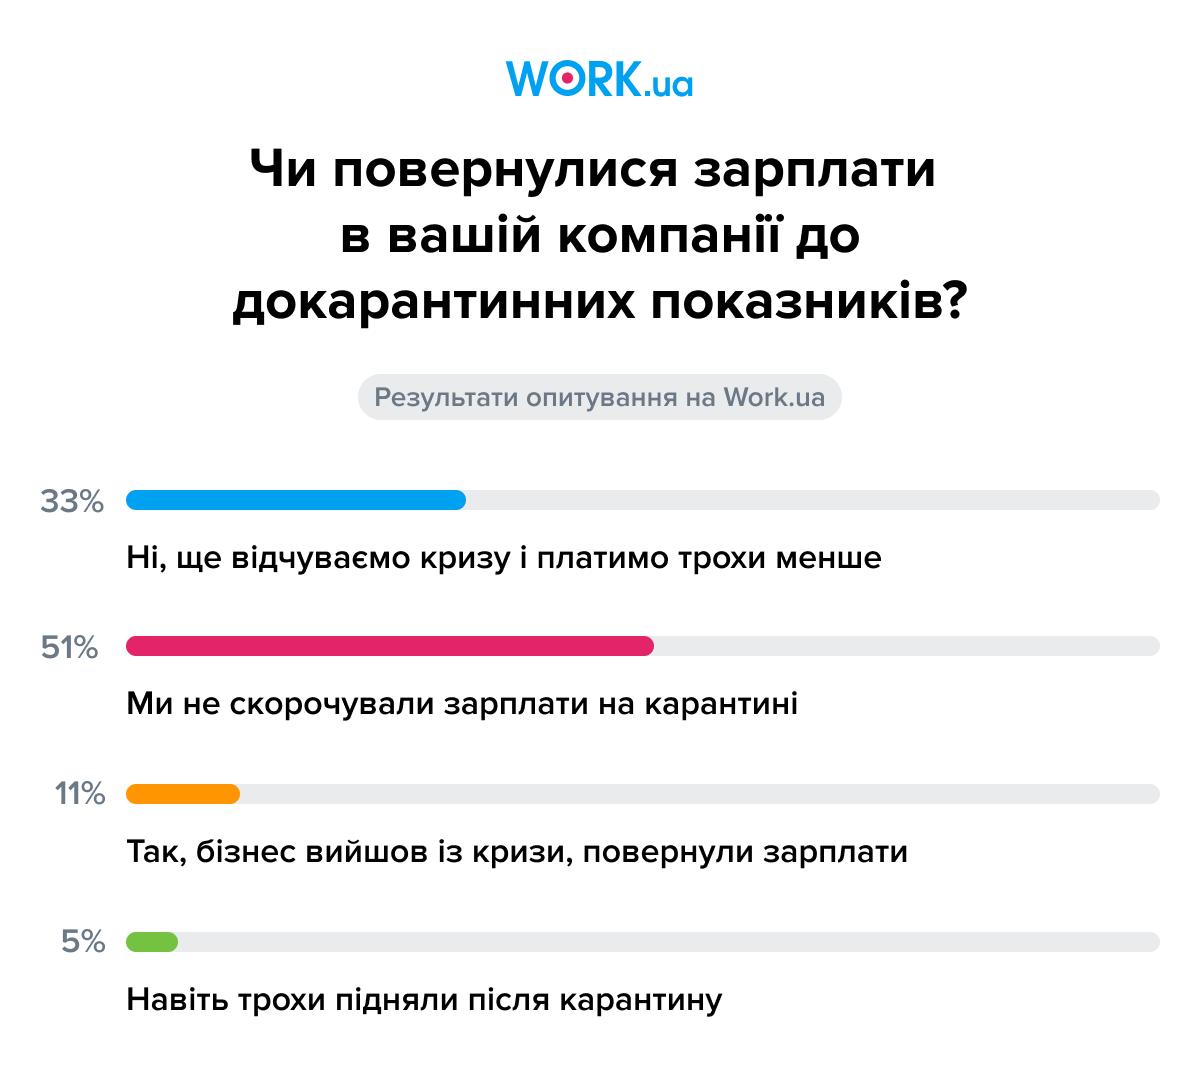 Опрос проводился в июне 2020. В нем приняли участие 820 работодателей.